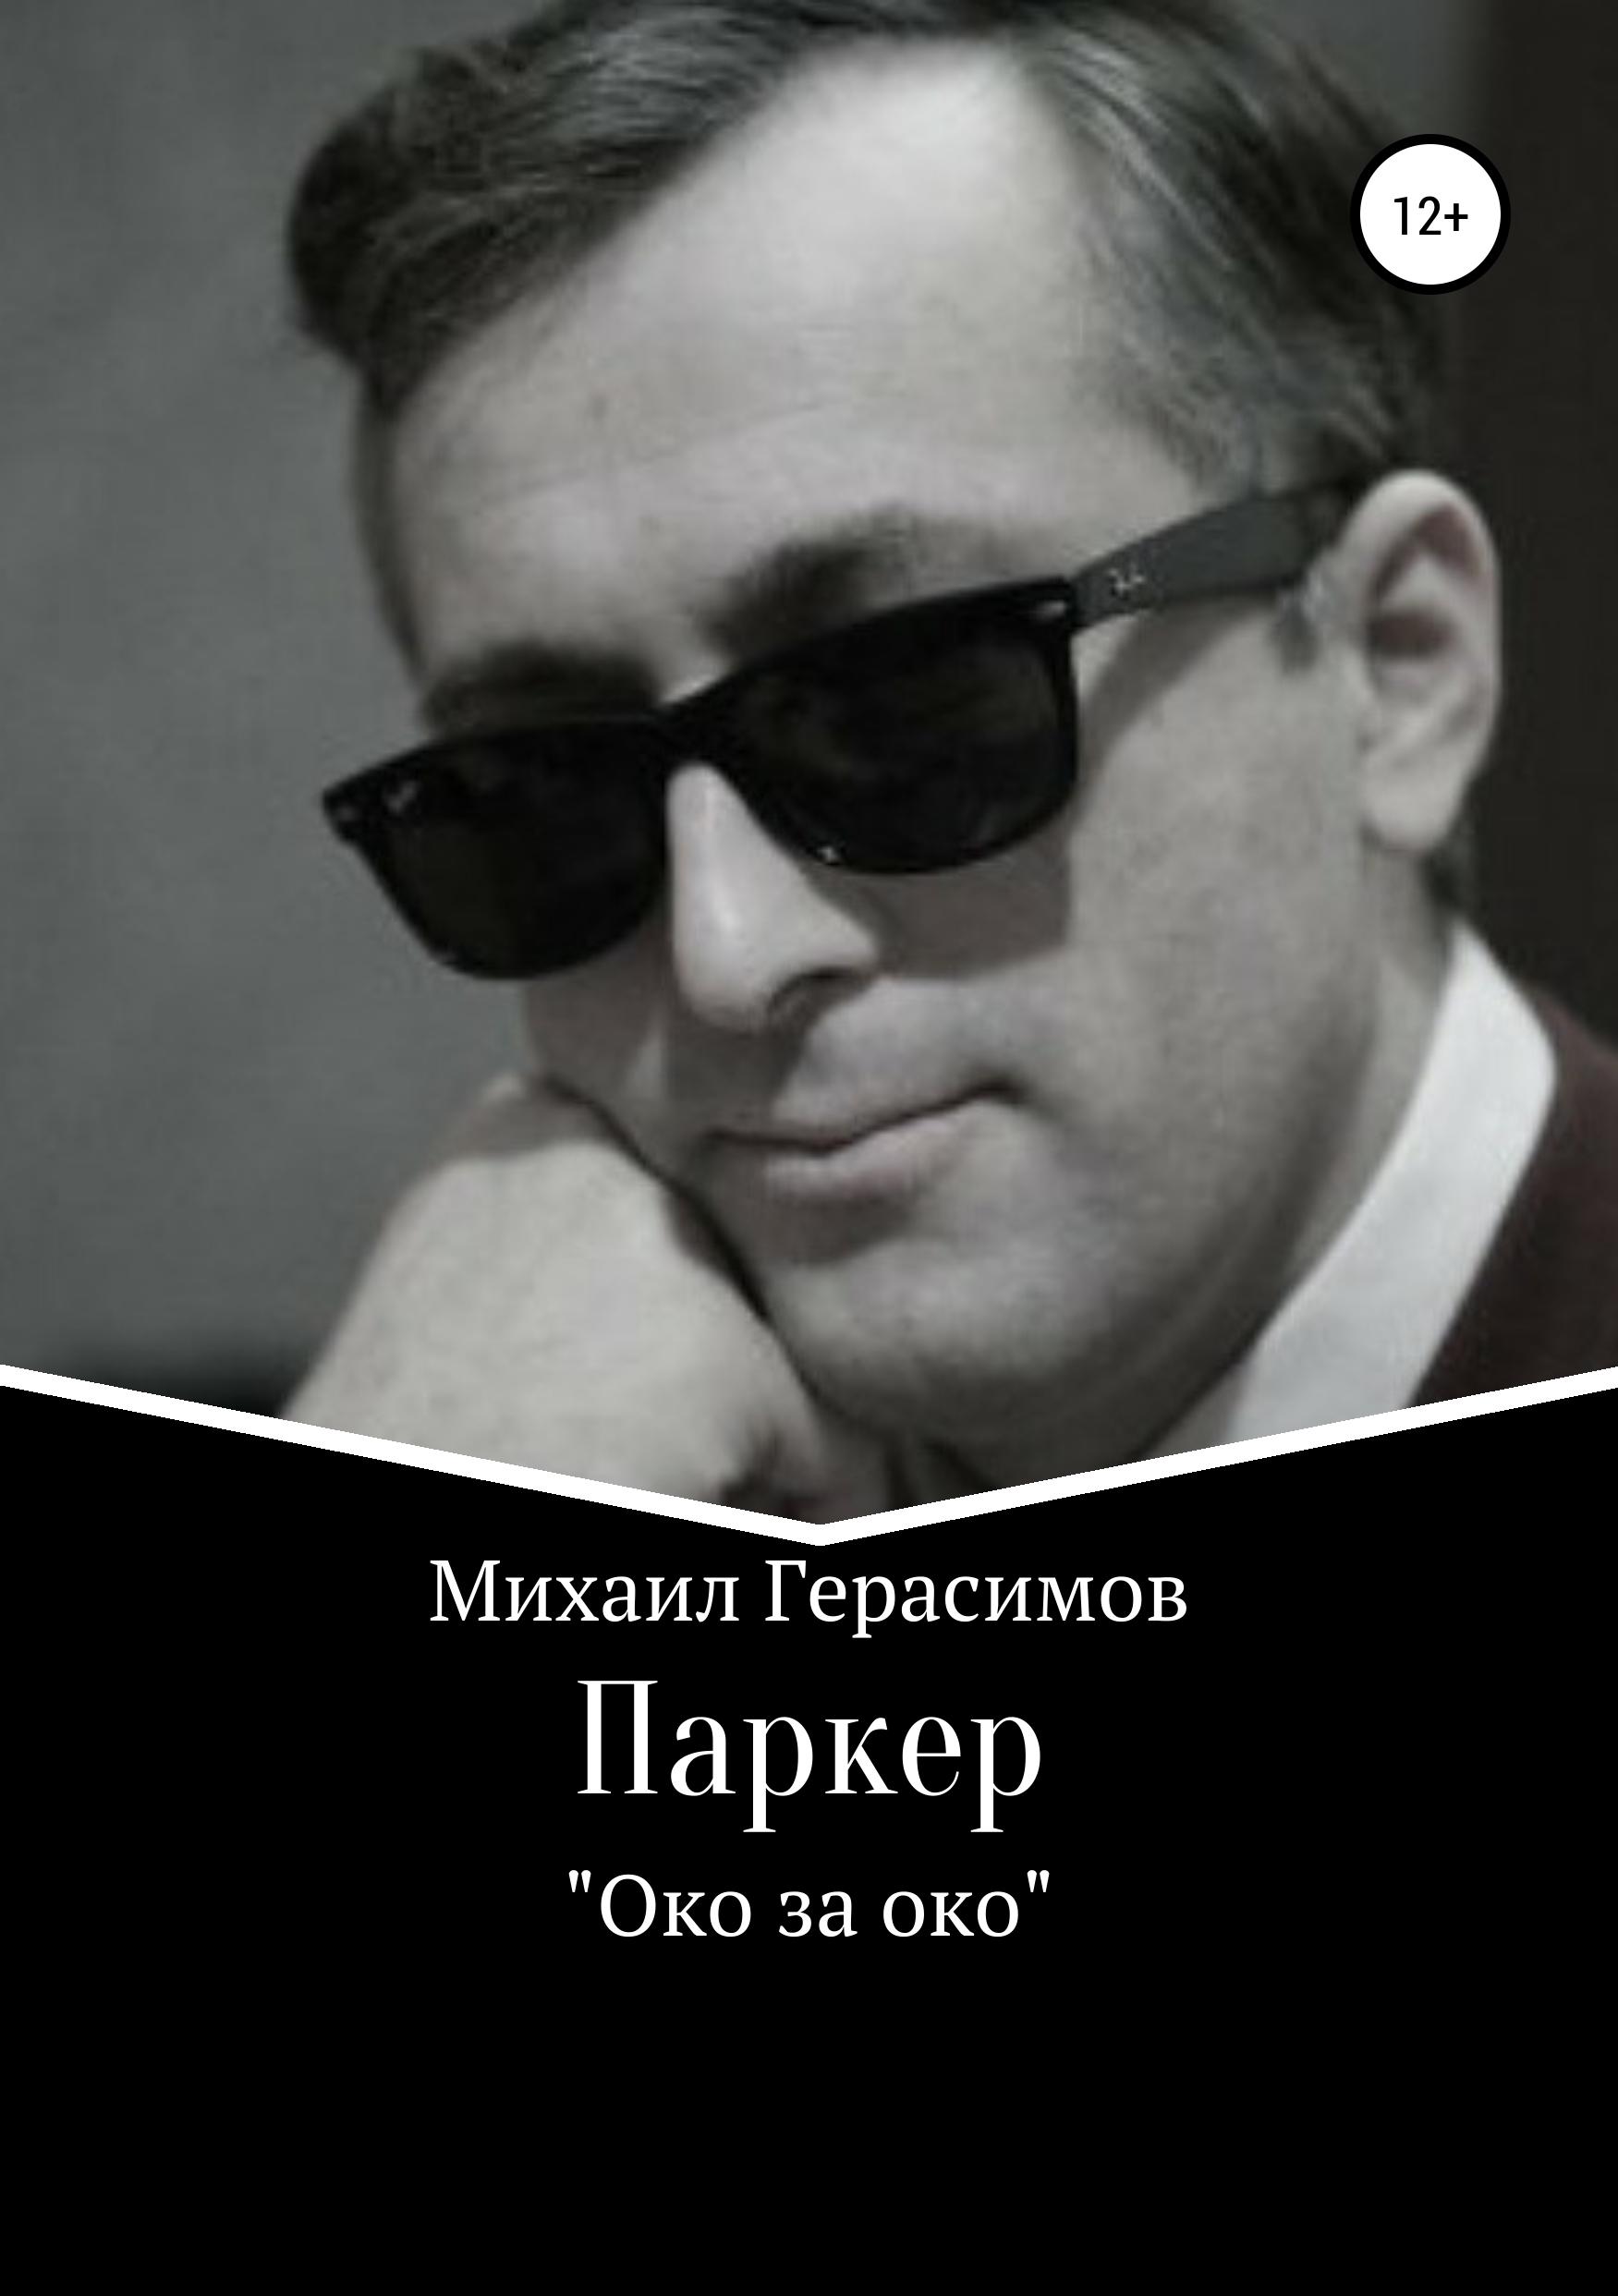 Михаил Николаевич Герасимов Паркер. «Око за око»